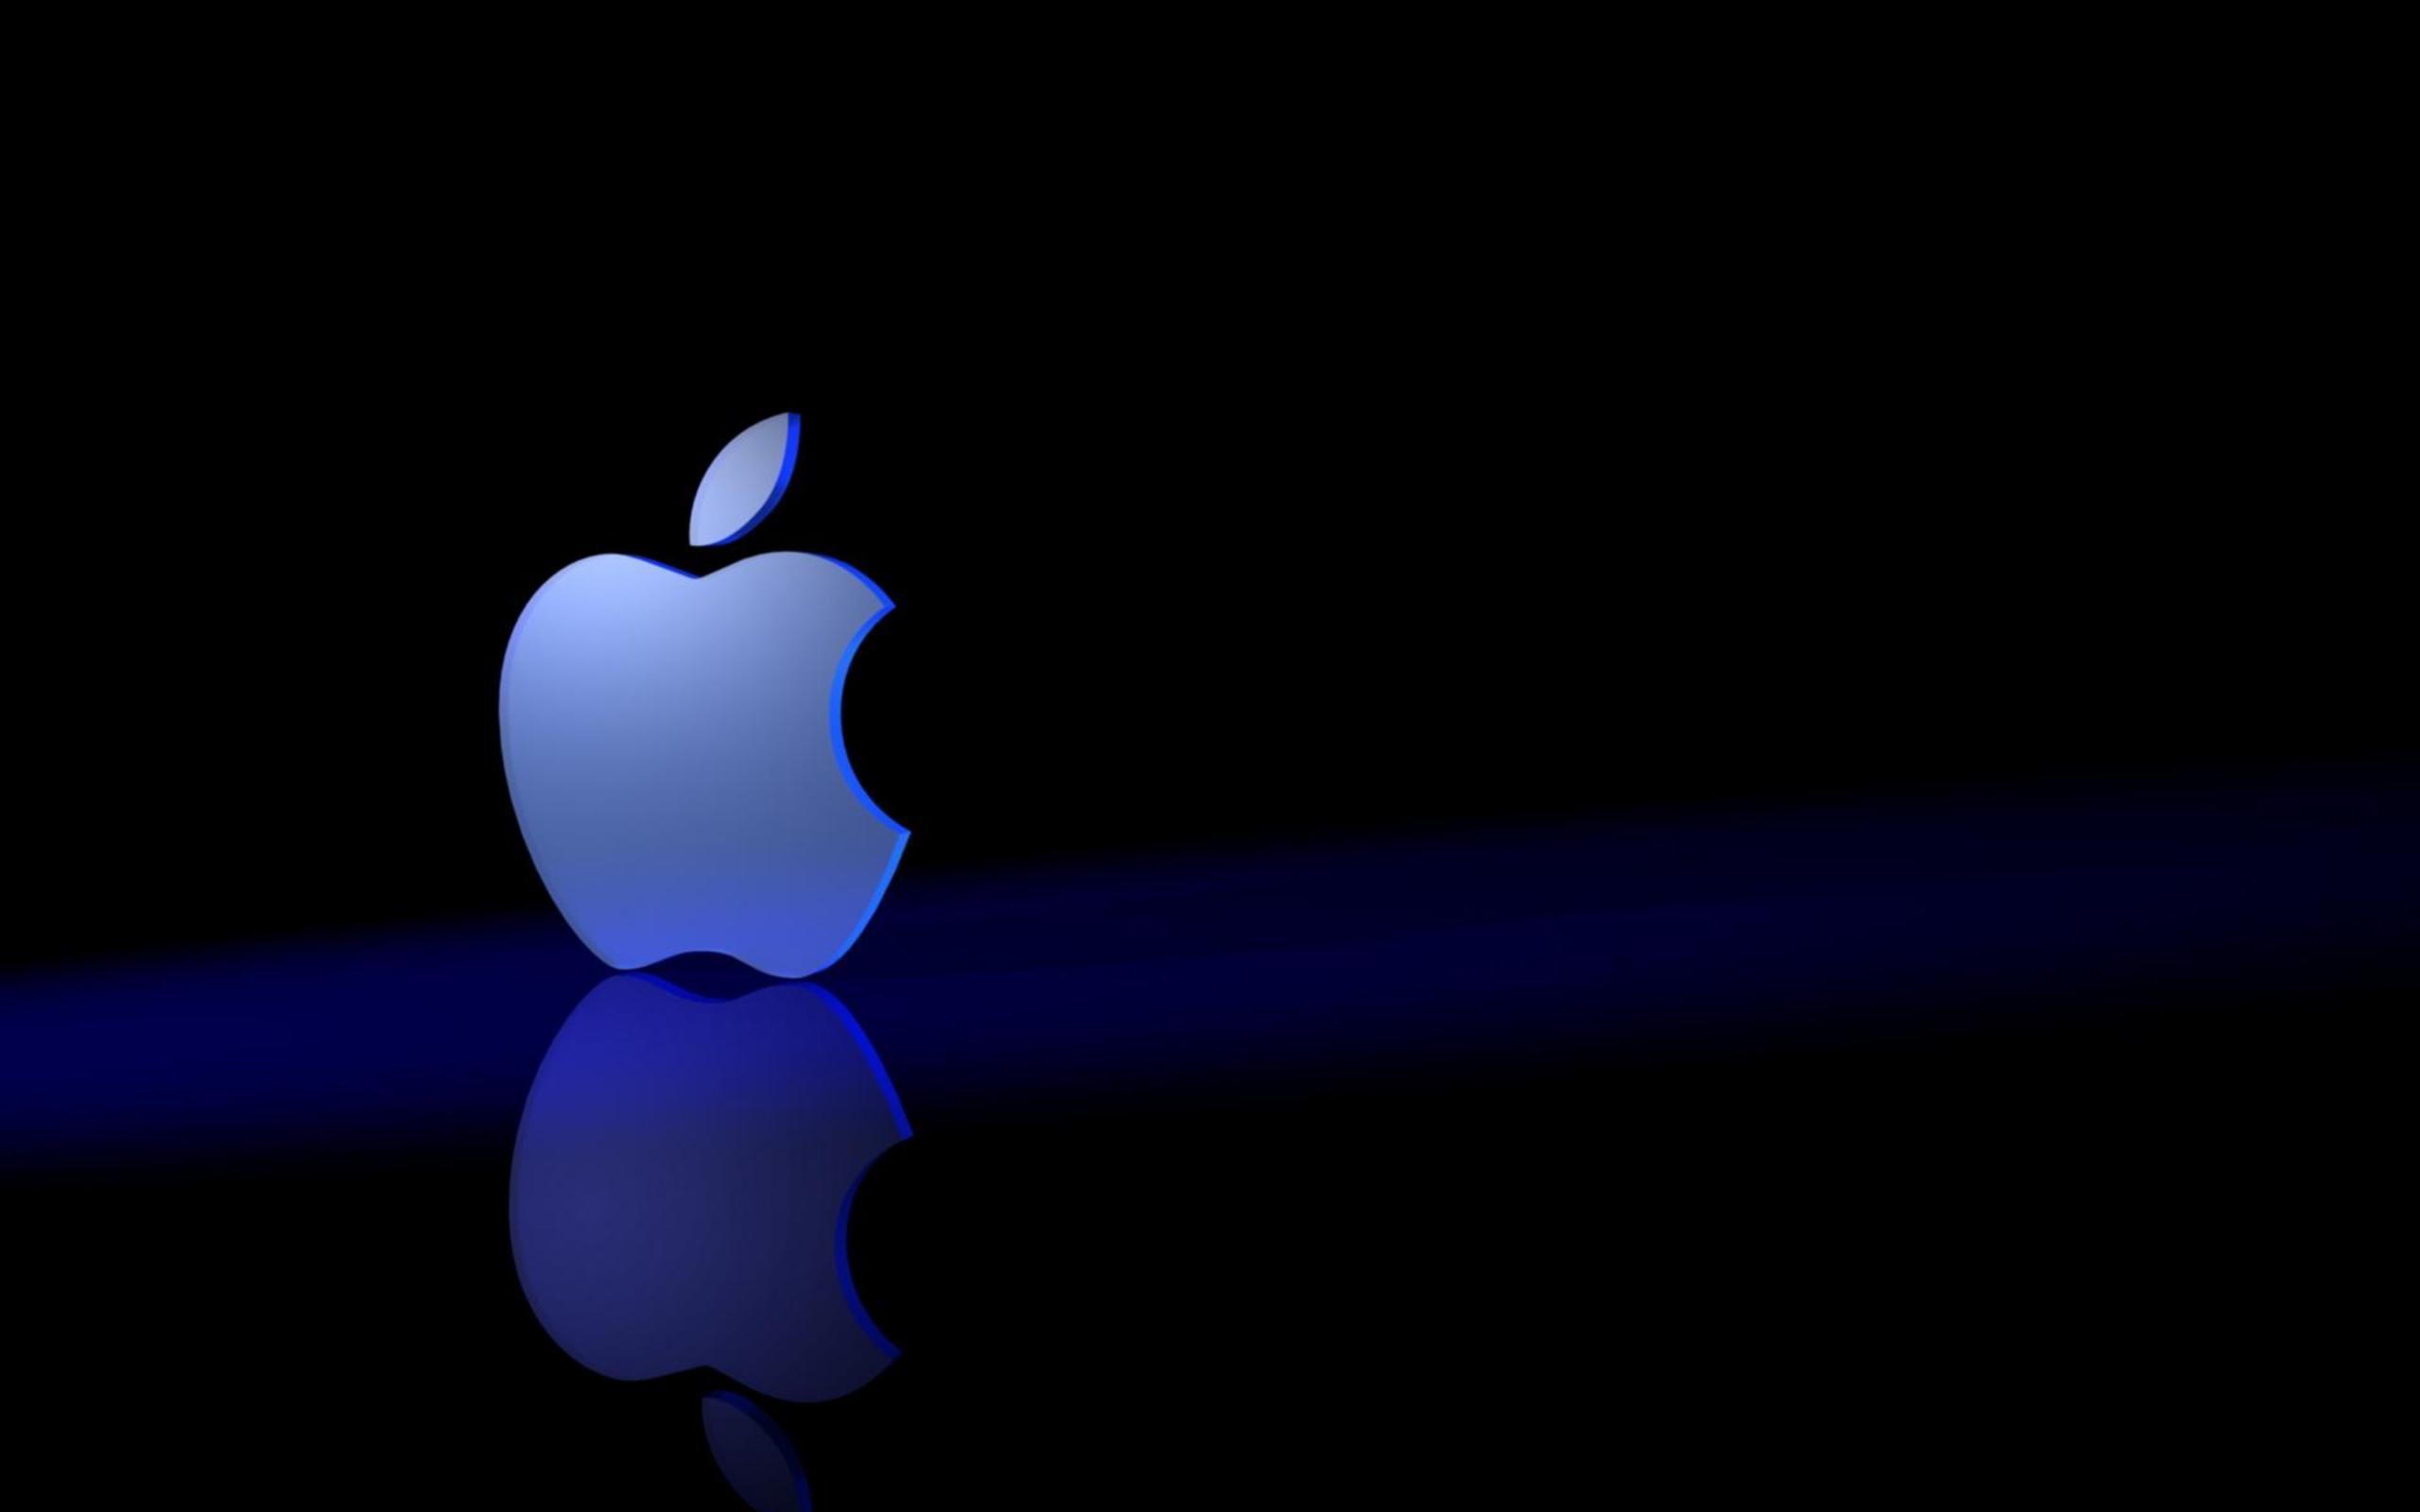 76 Apple Mac Wallpaper On Wallpapersafari